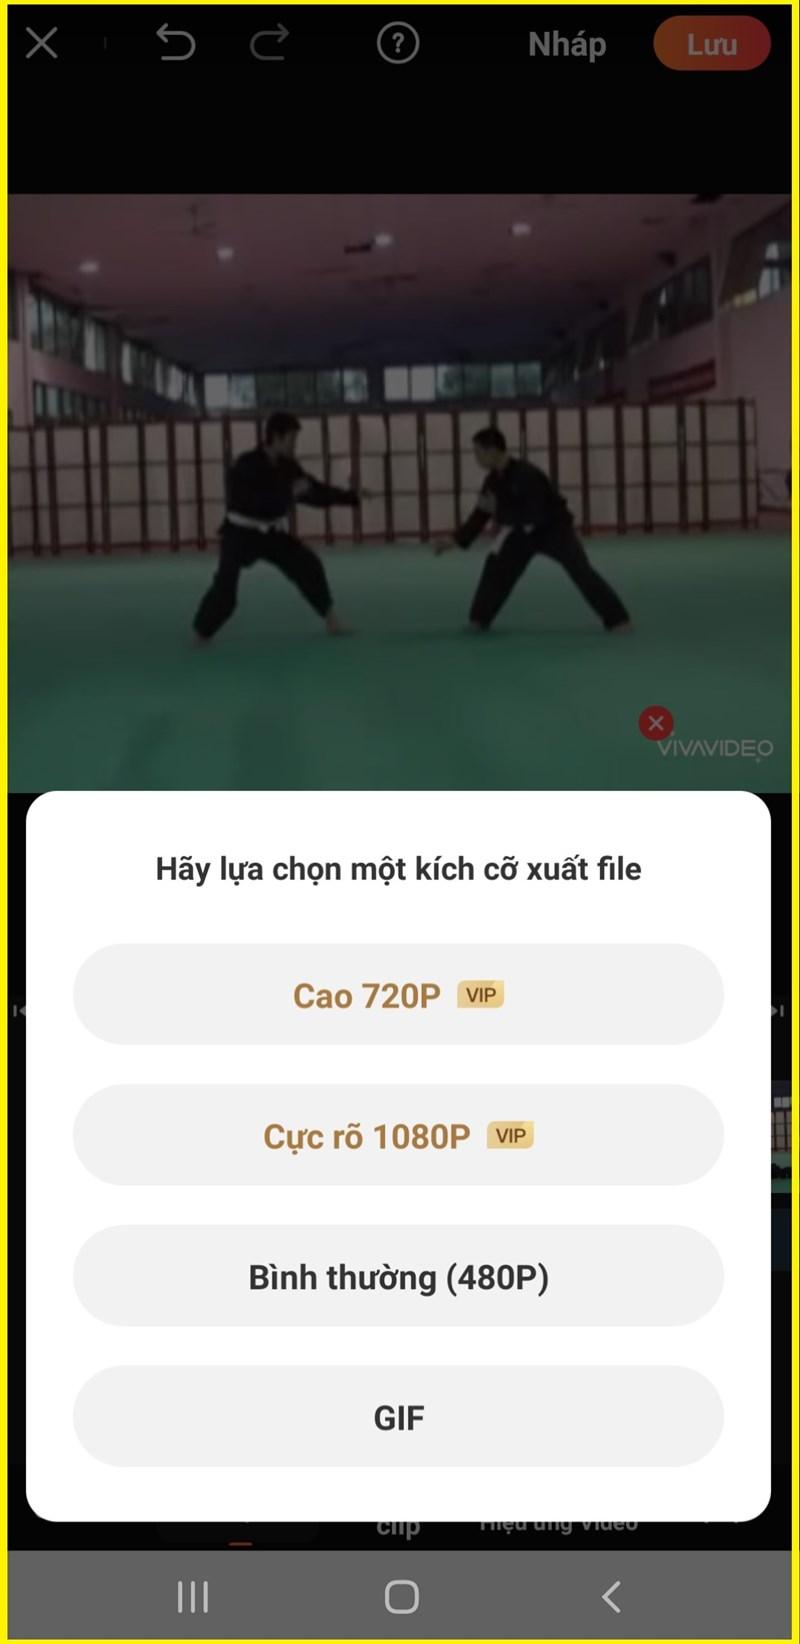 Chọn chất lượng video xuất bản